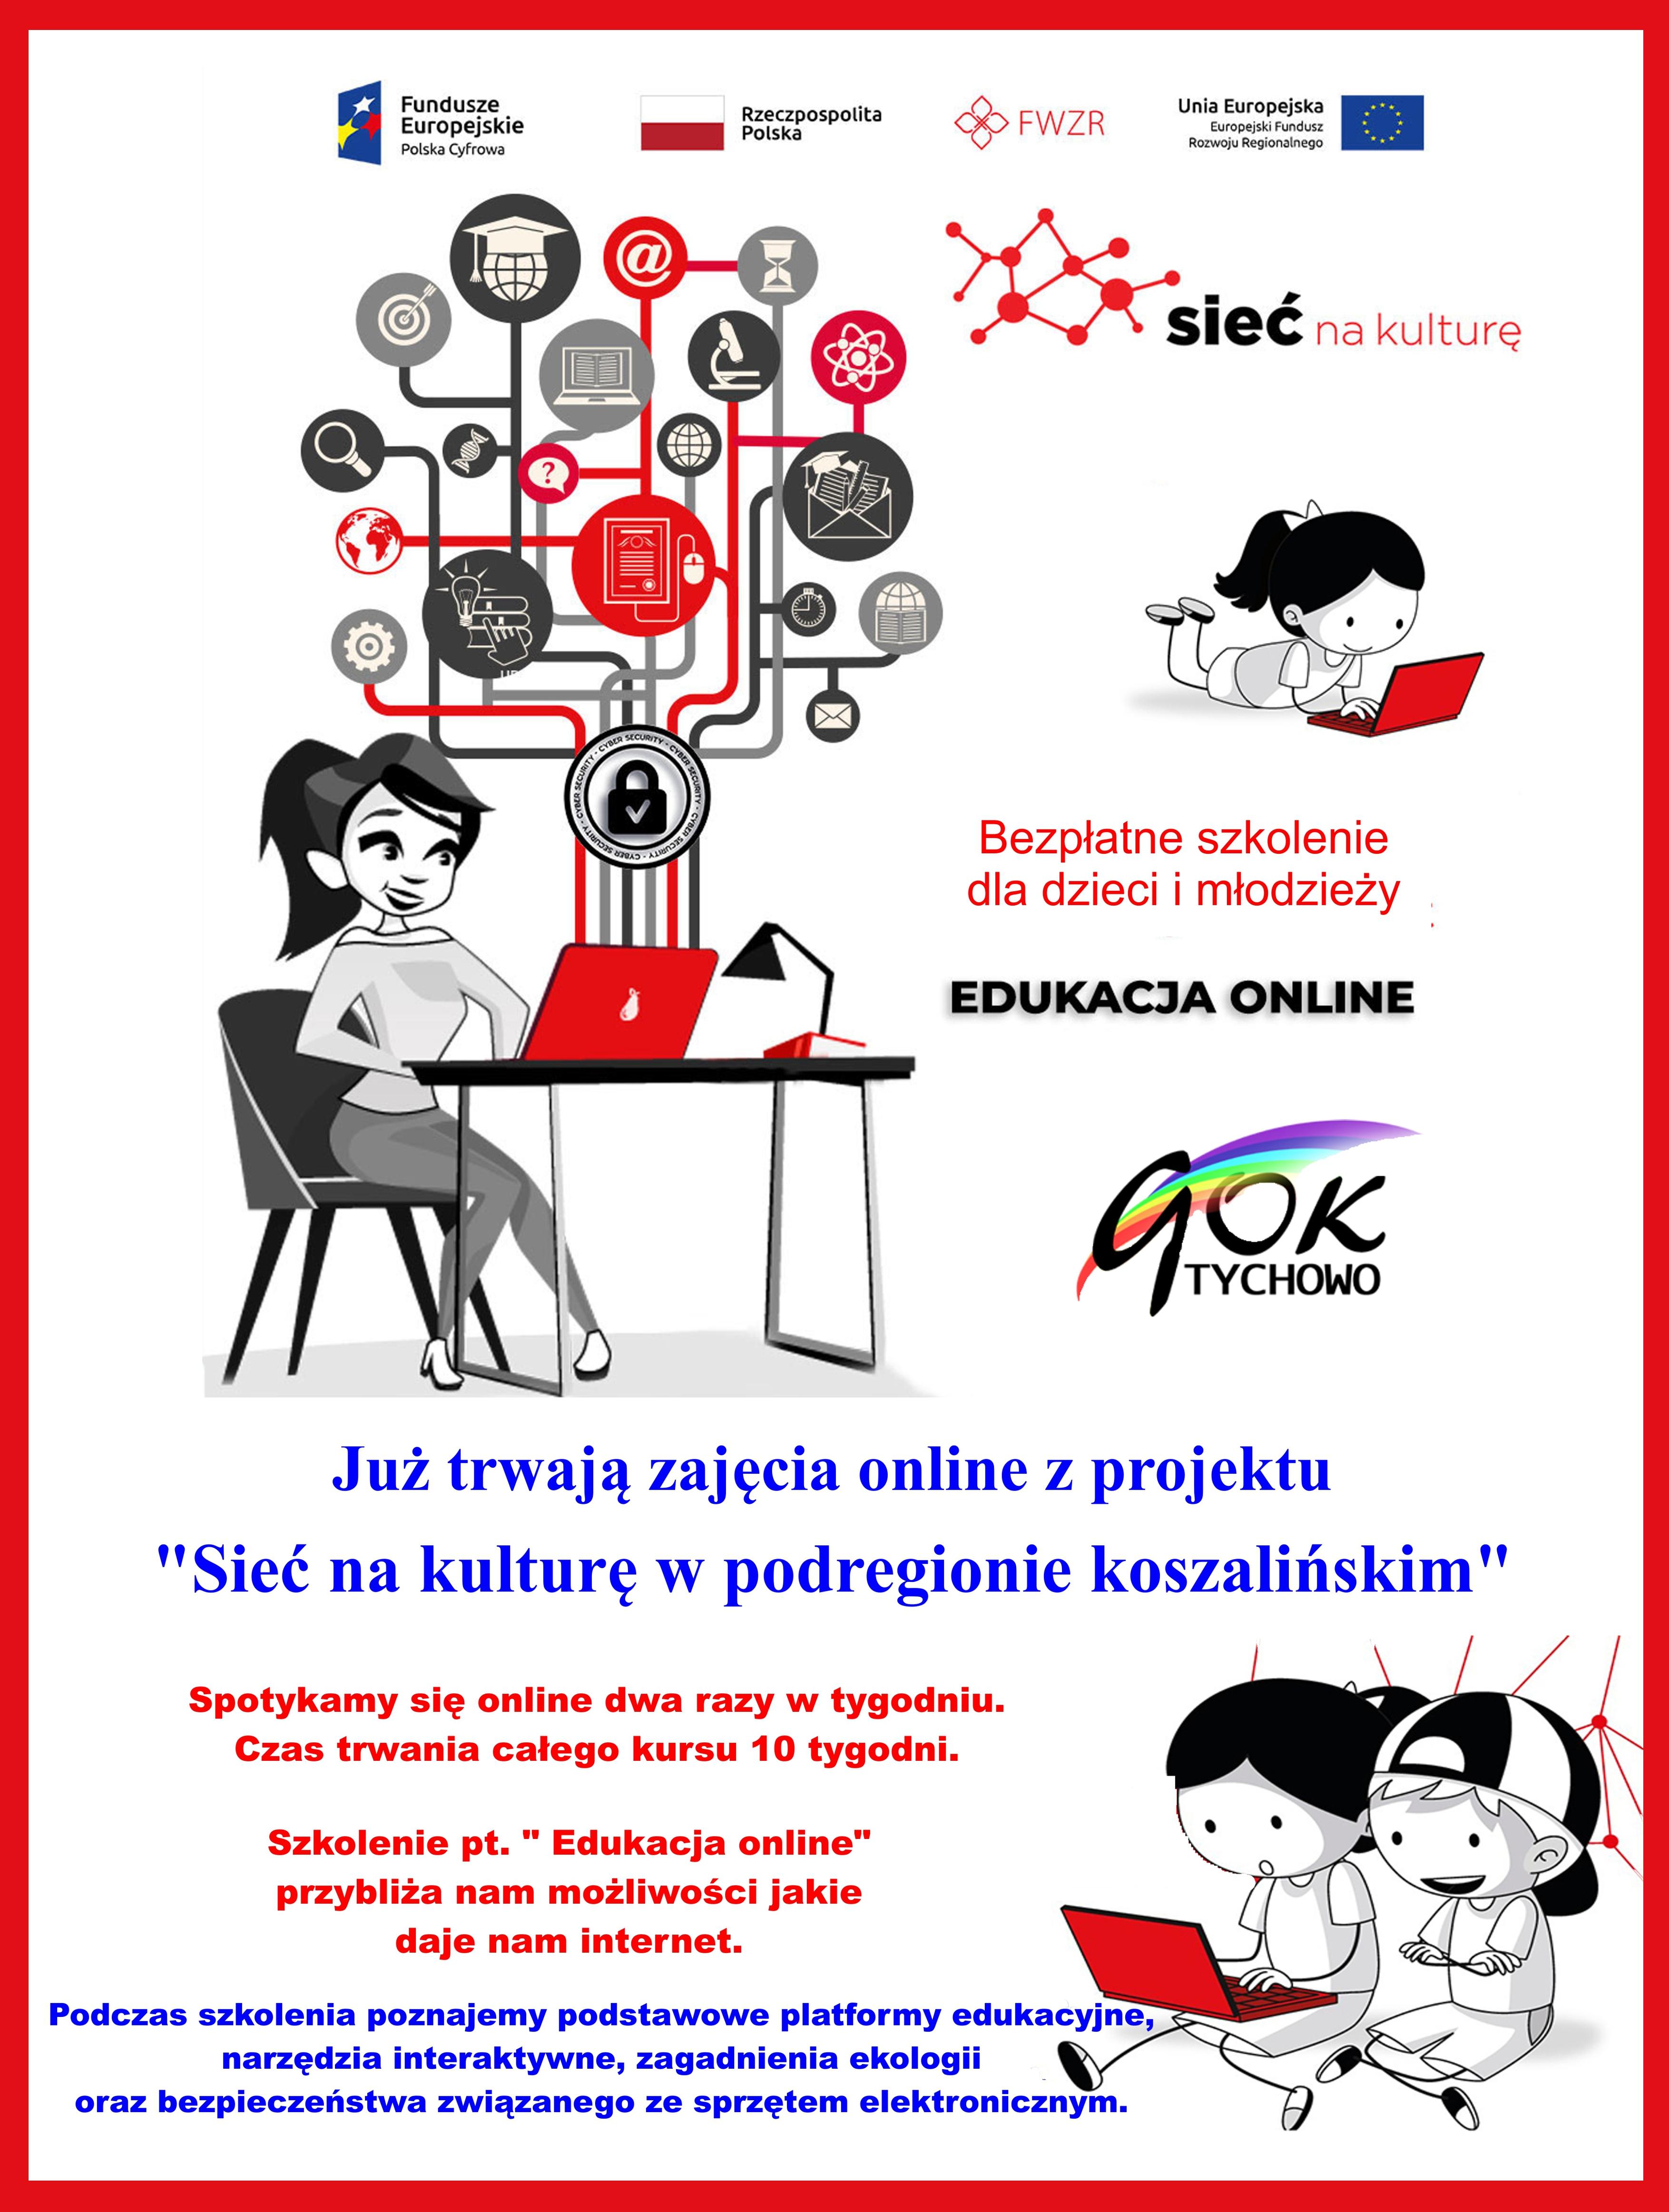 Plakat informujący o trwających zajęciach online. Tematem zajęć jest edukacja online. Spotykamy się 2 razy w tygodniu. Zdobywamy nową wiedzę i umiejętności.